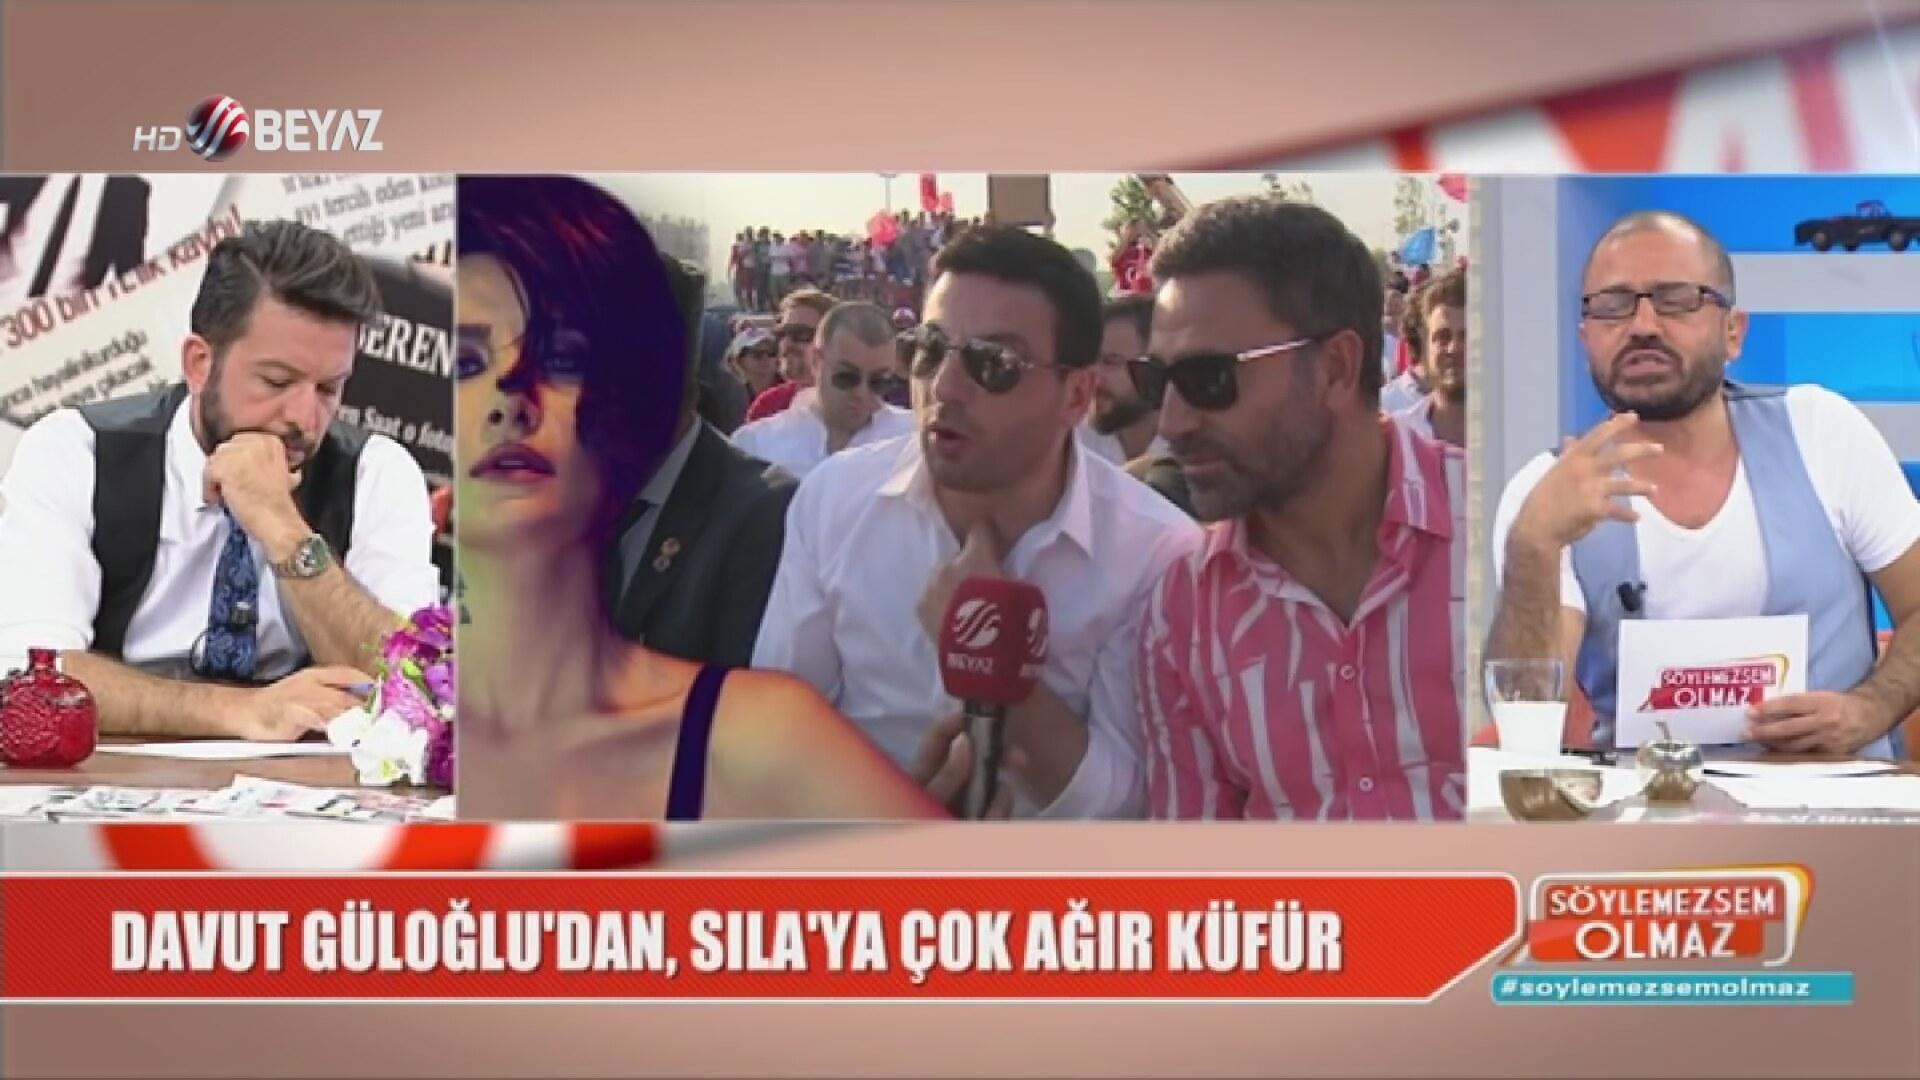 Davut Güloğlu'dan, Sıla'ya: S... olsun gitsin!